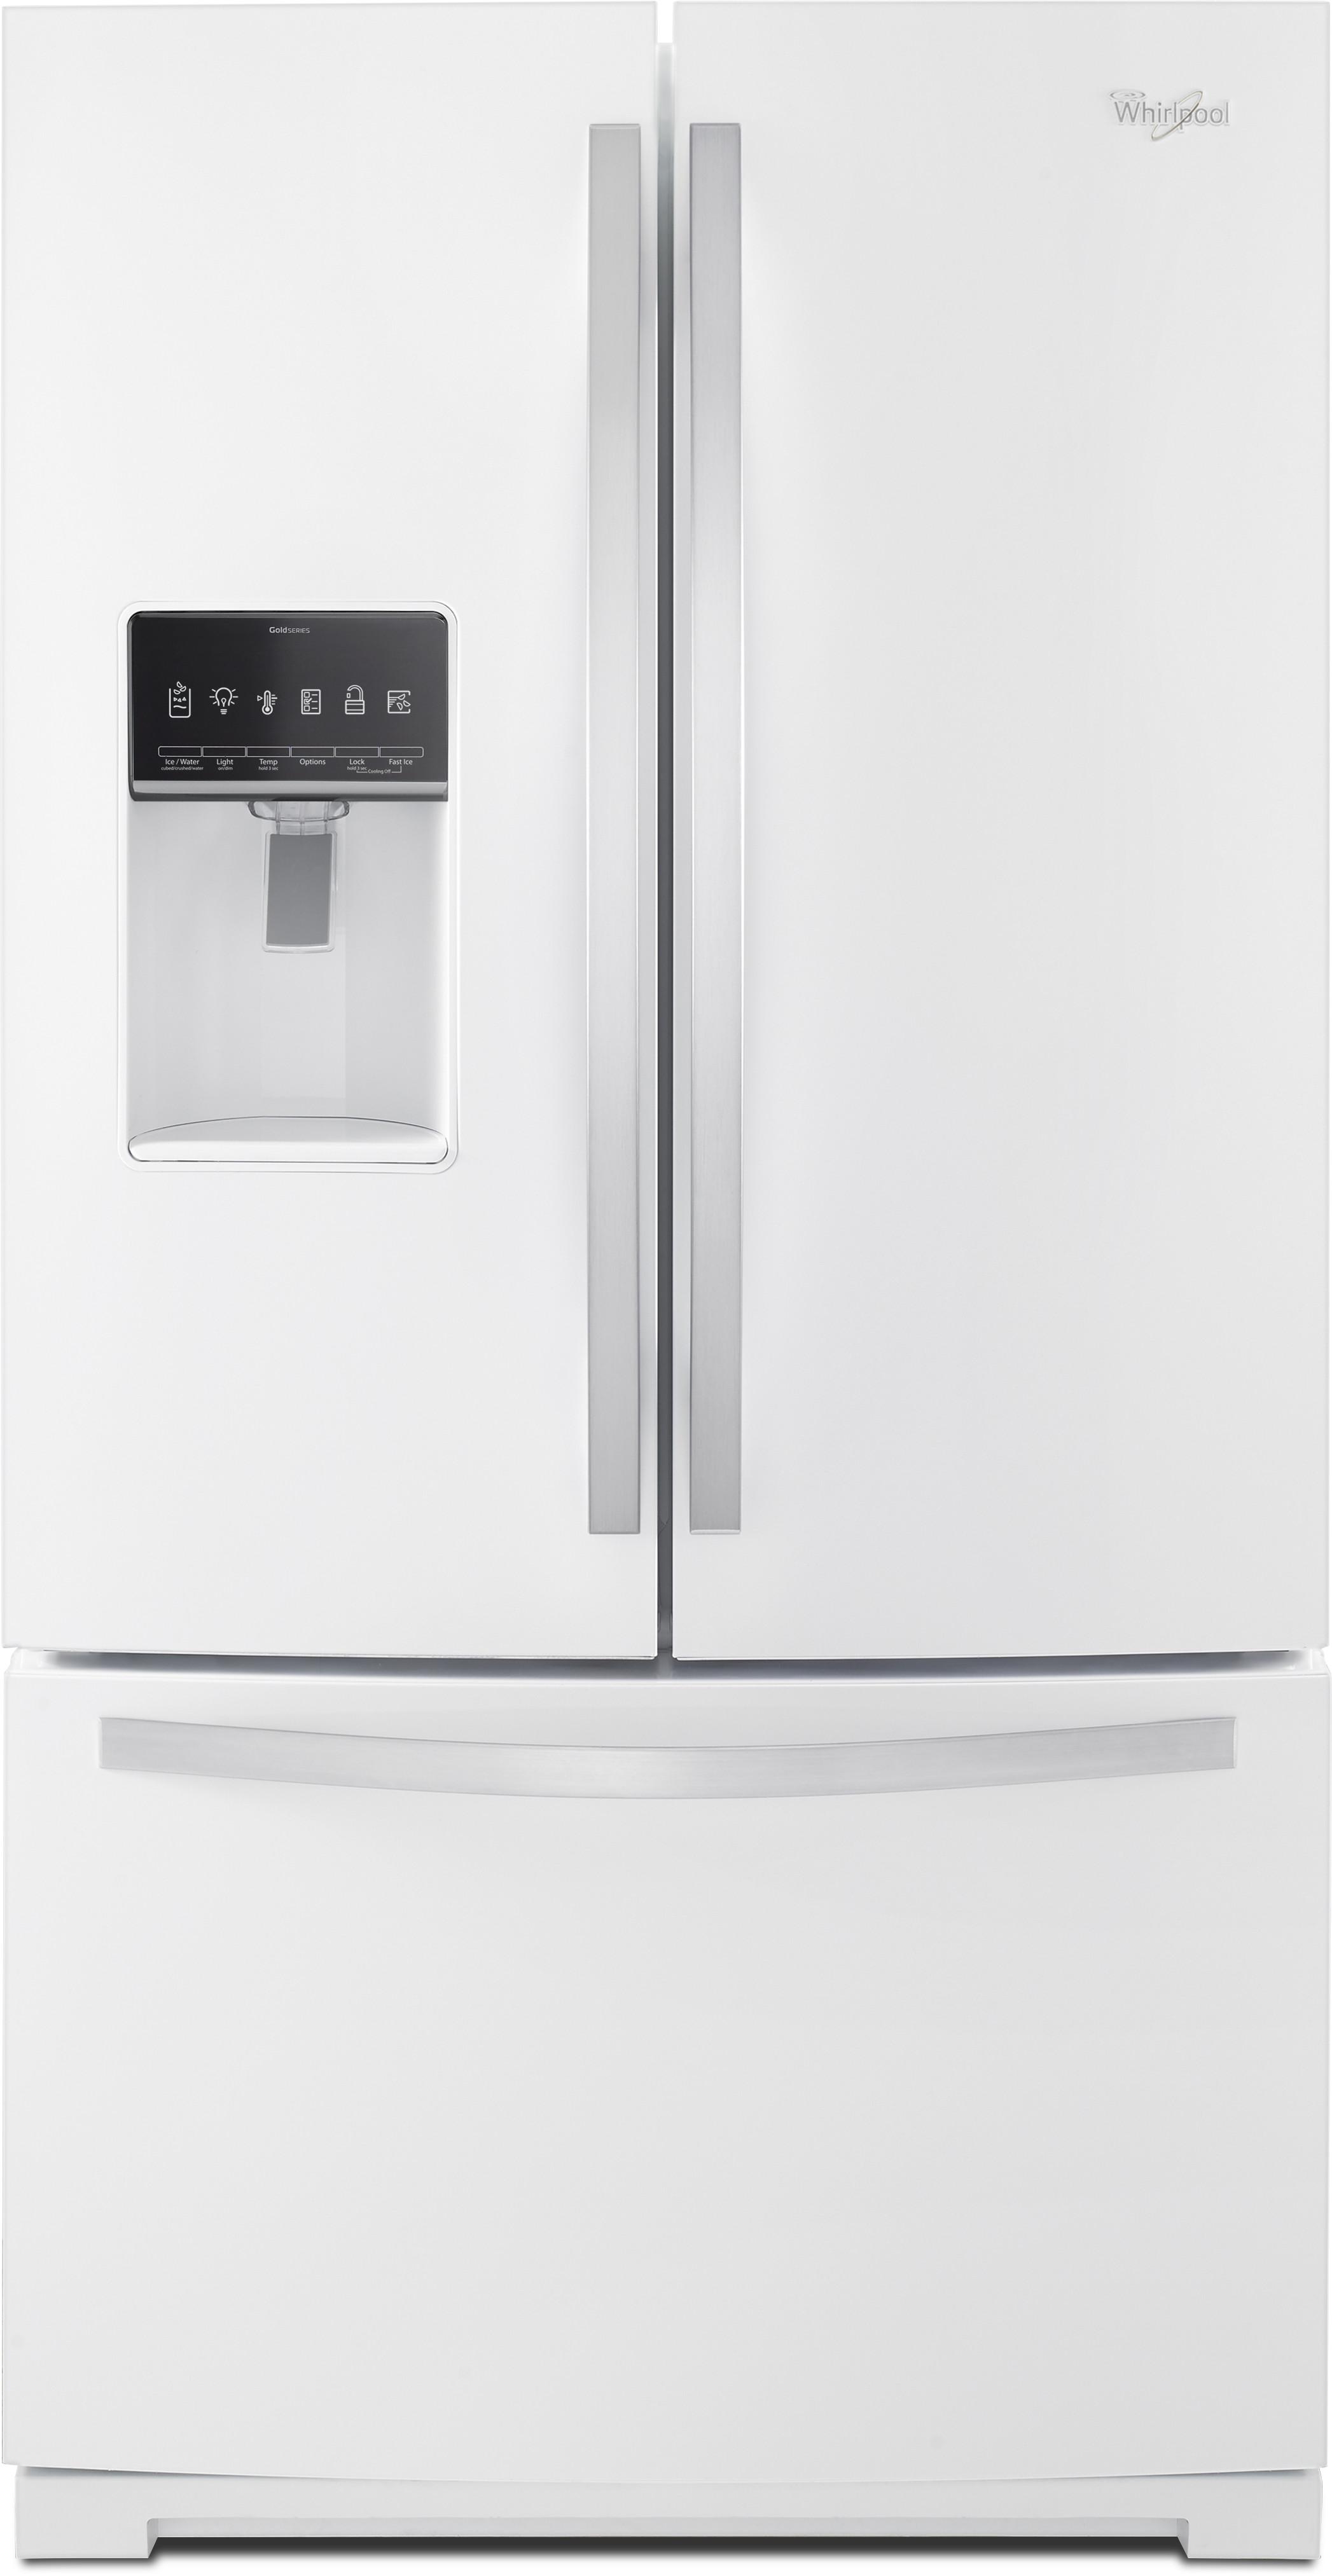 Whirlpool French Door Refrigerators For Sale Online